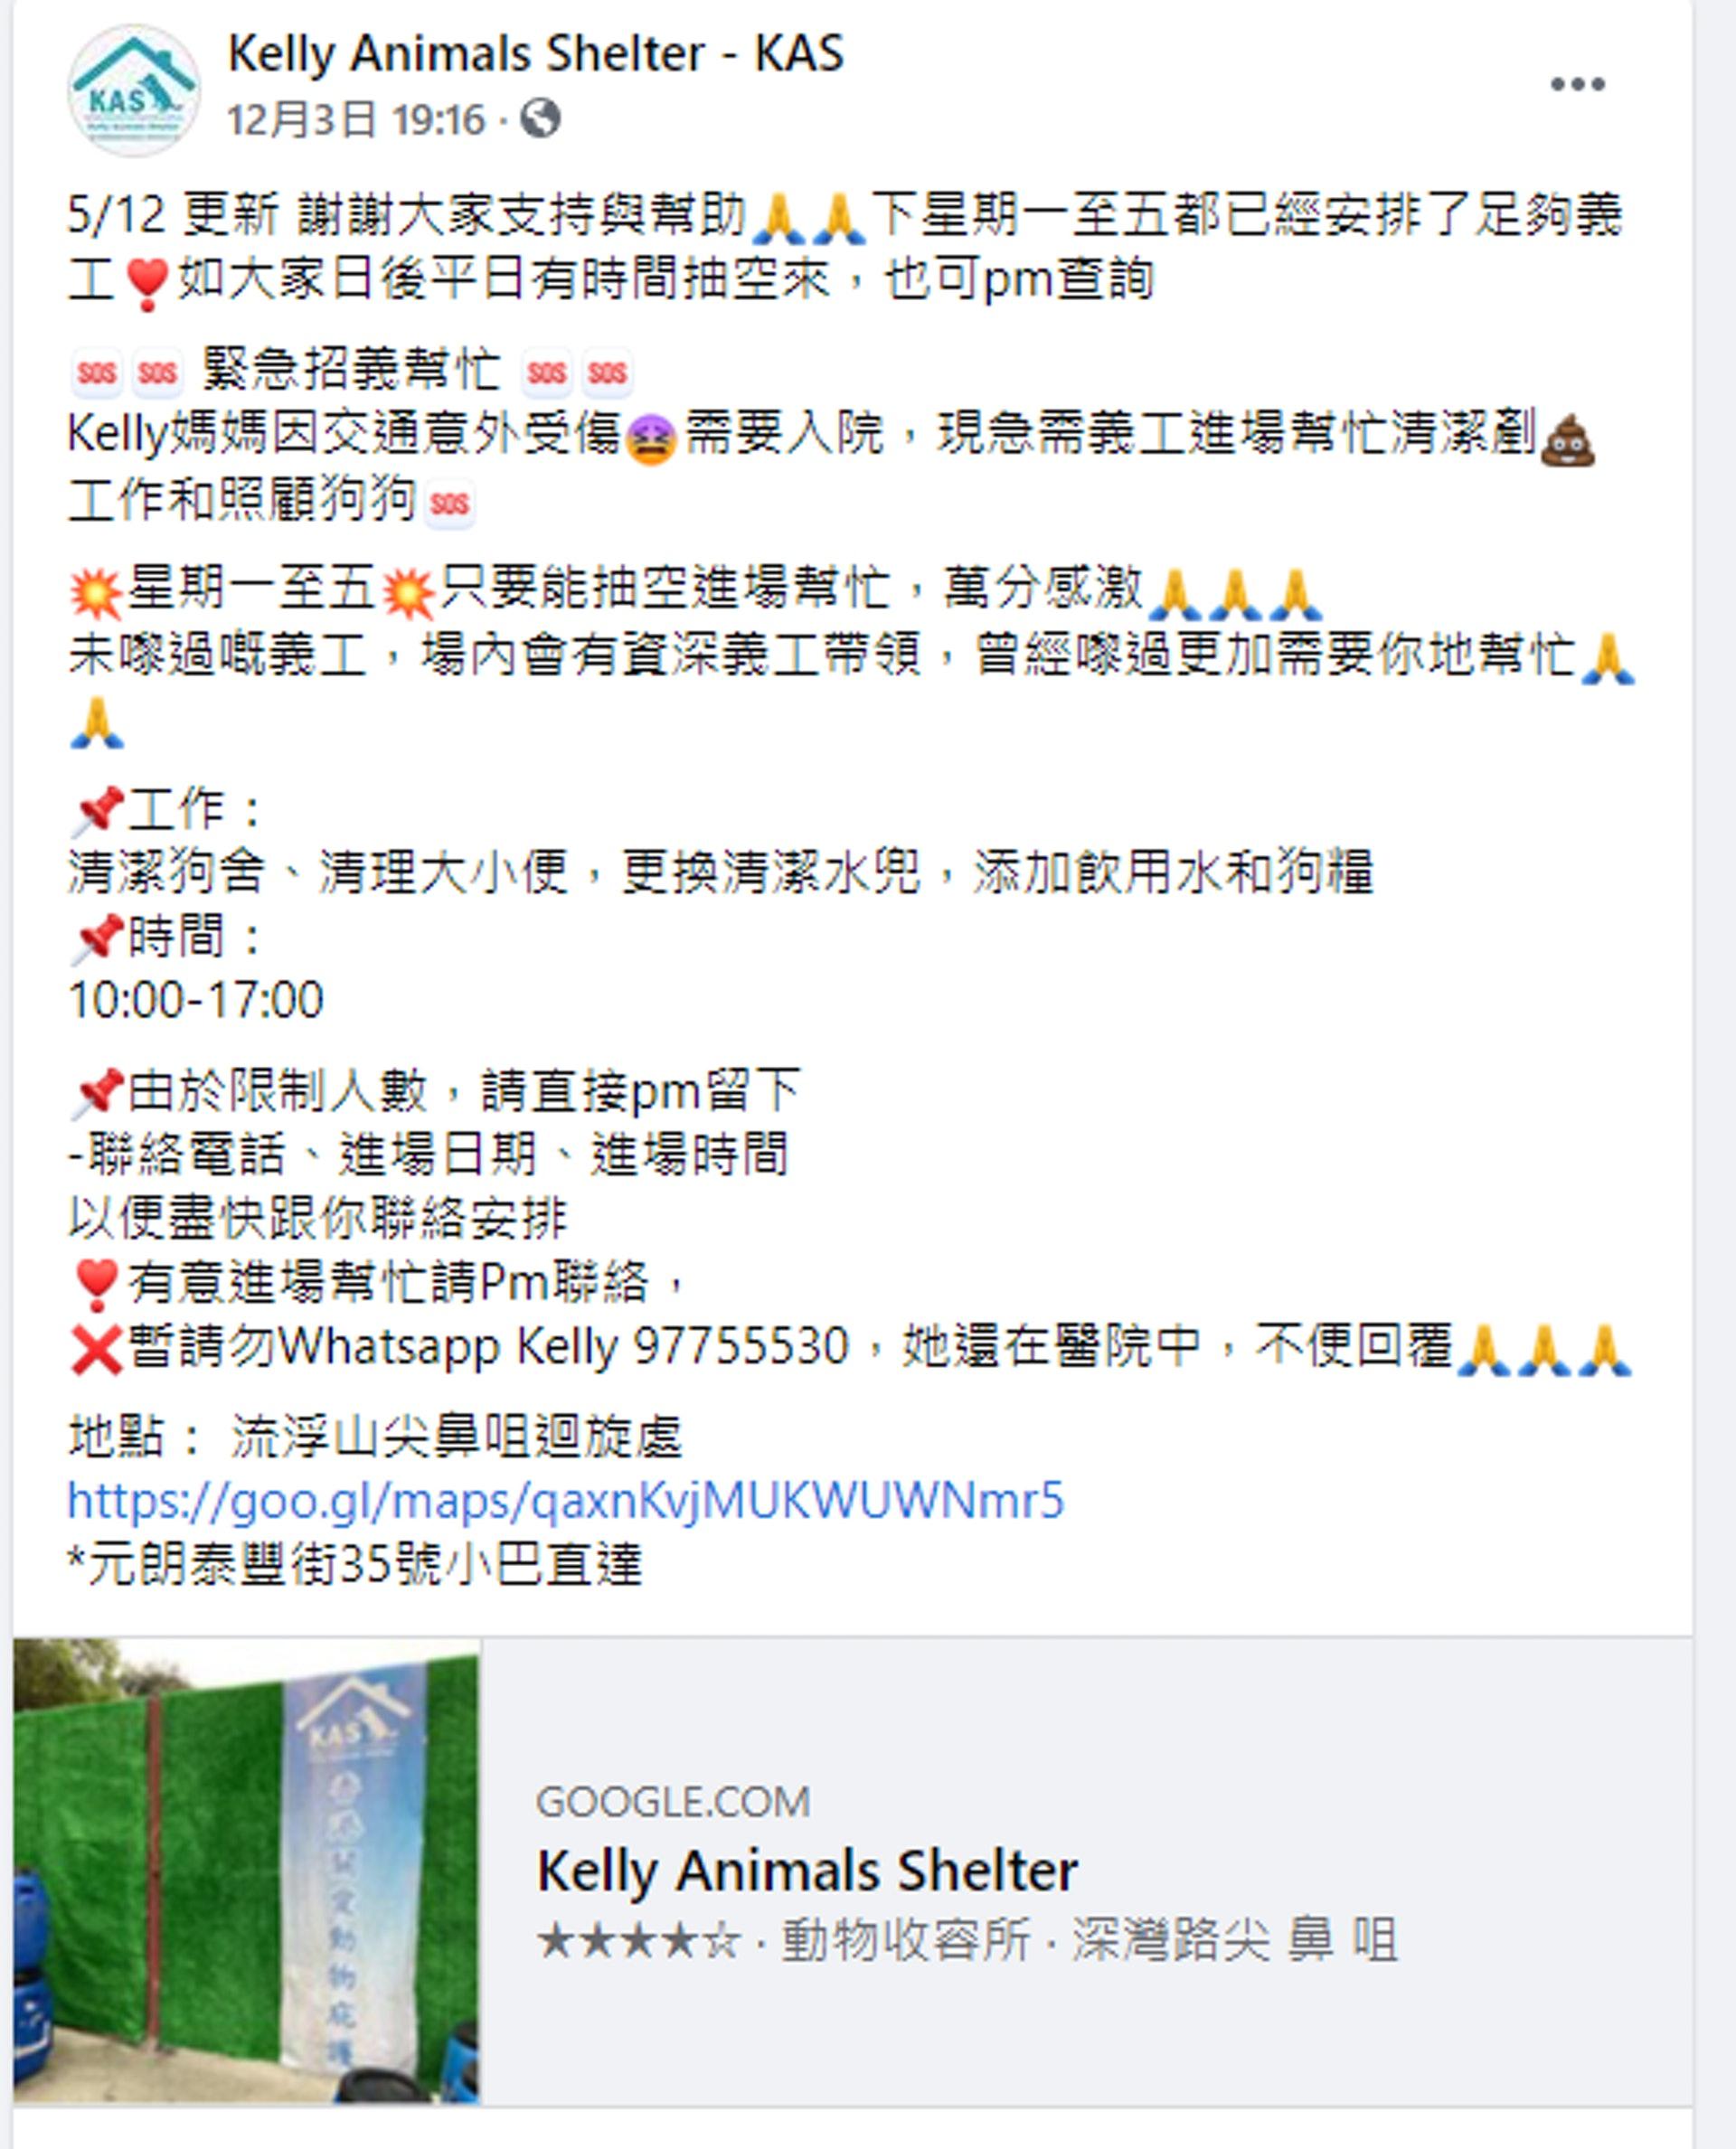 上周四(3日)收容所於網上發帖文,指負責人Kelly因遇上交通意外留醫,無法照顧場內的貓狗,希望義工伸出援手。